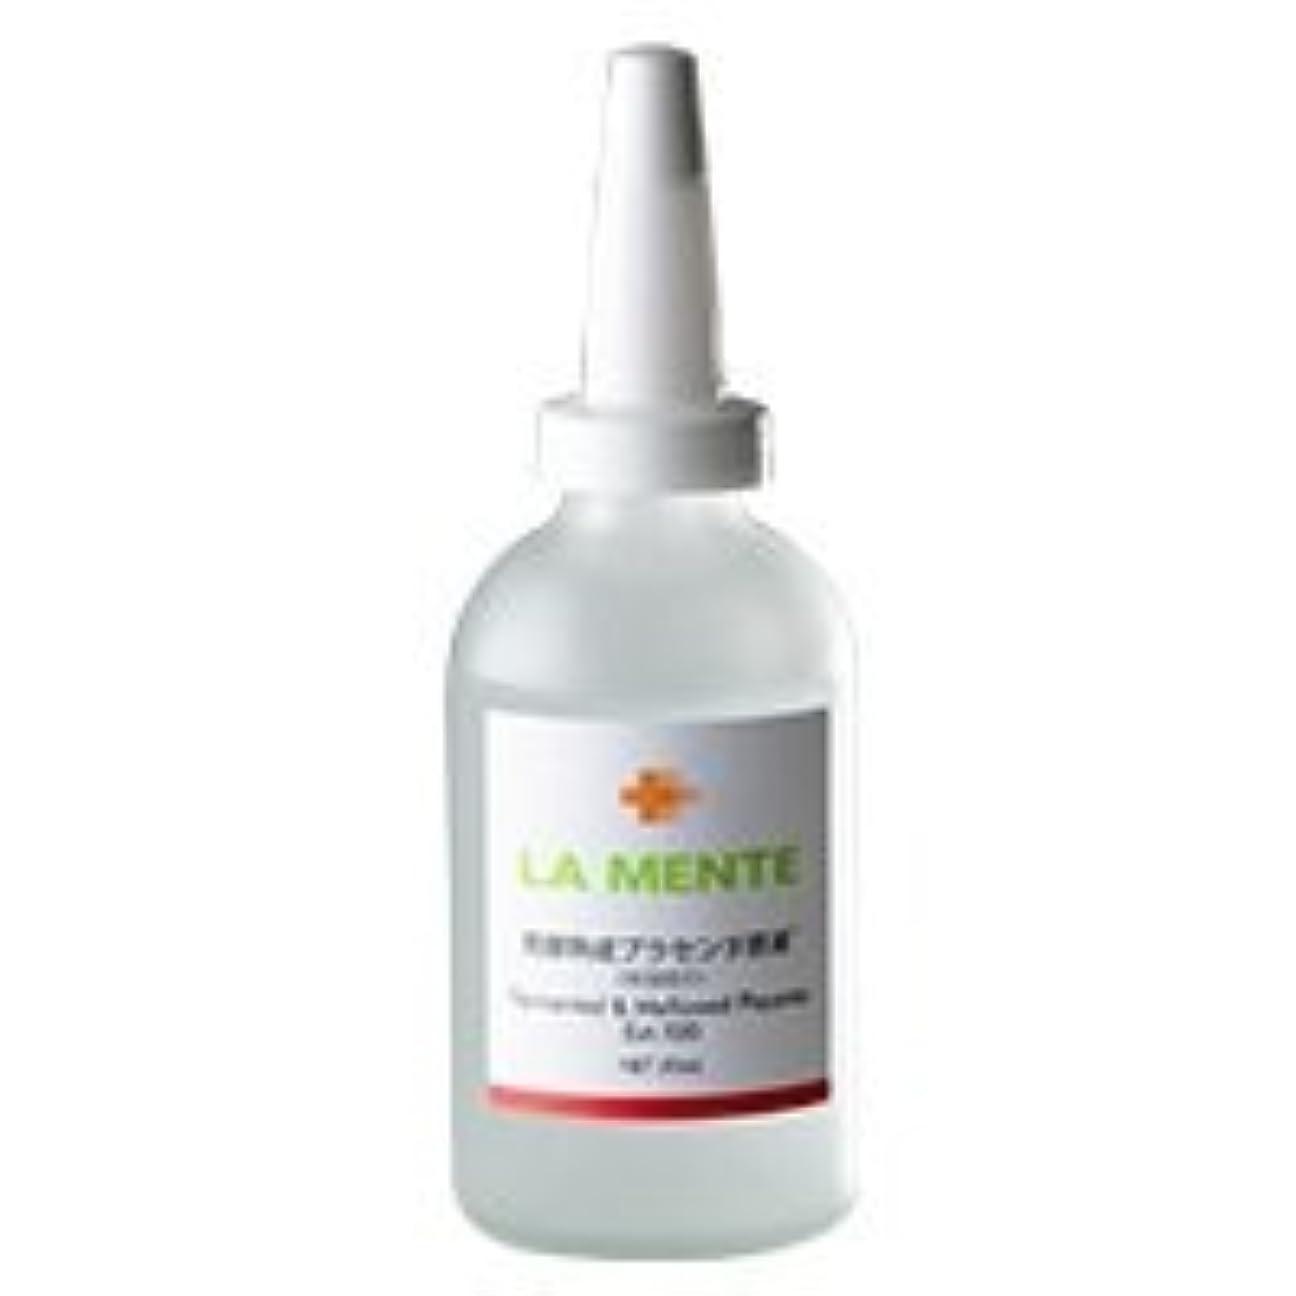 反映する重要な役割を果たす、中心的な手段となる看板ラメンテ 発酵PLエッセンス100+ 50mL